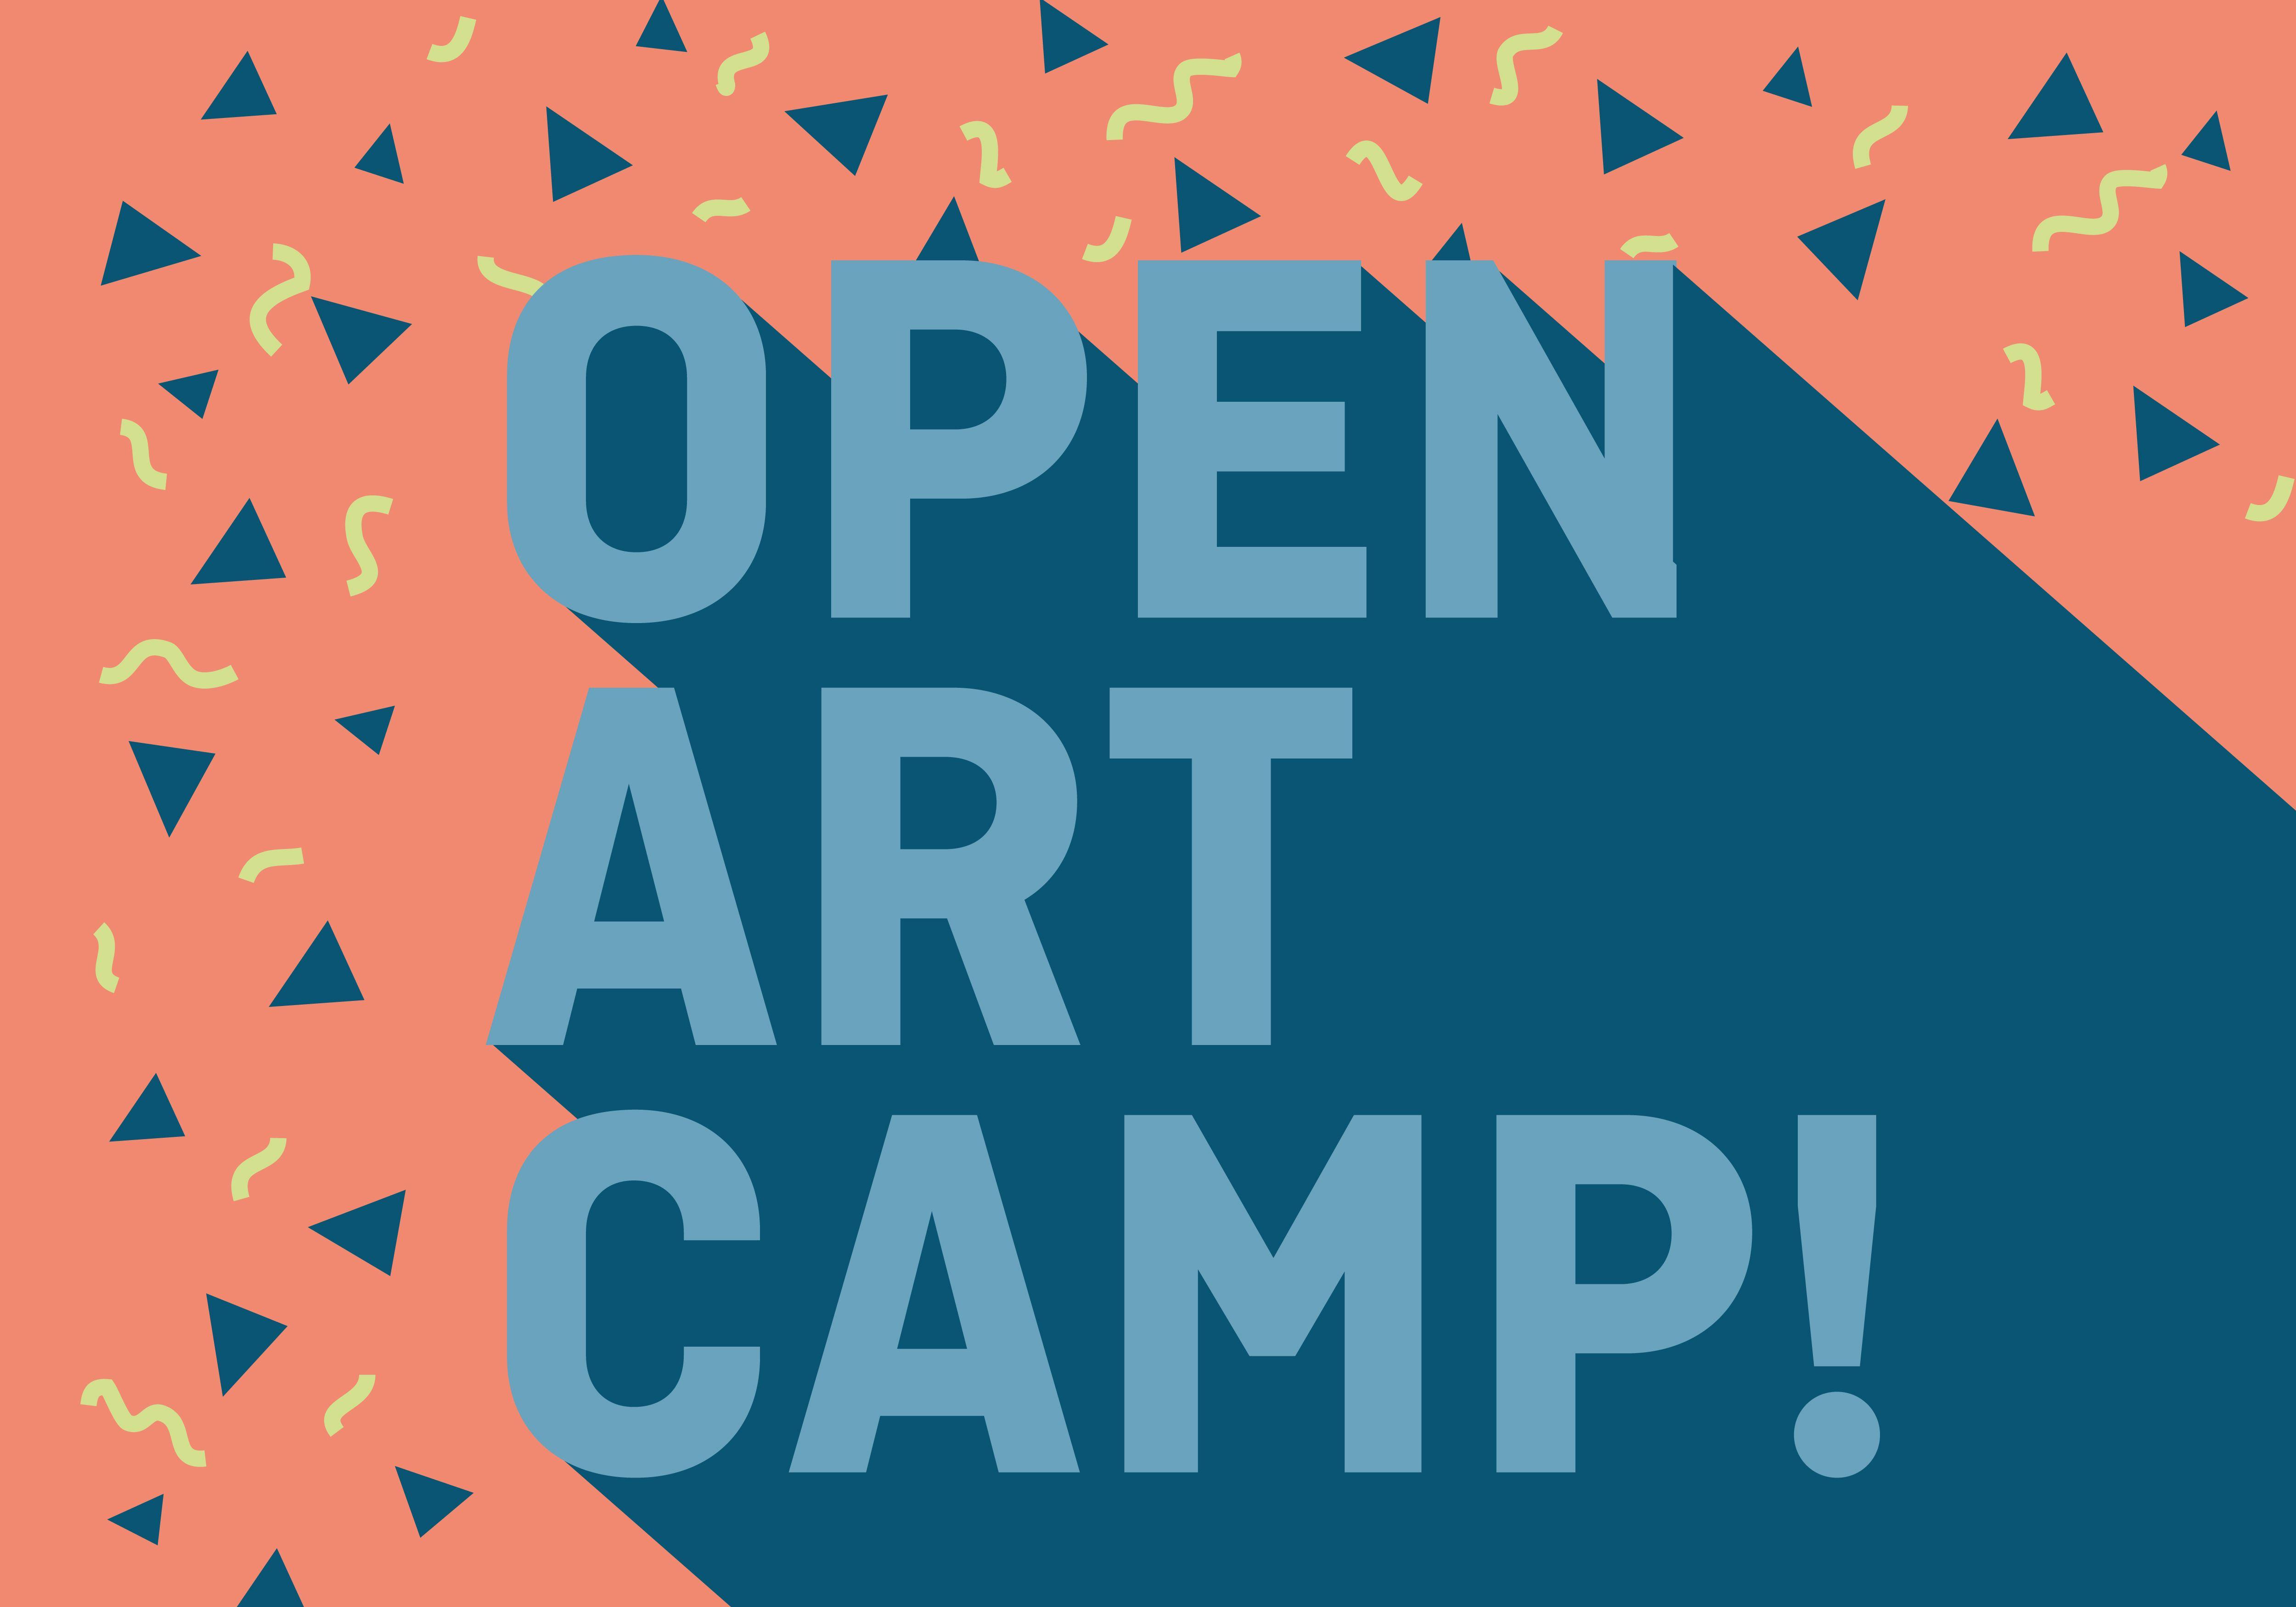 OPEN ART CAMP 2017